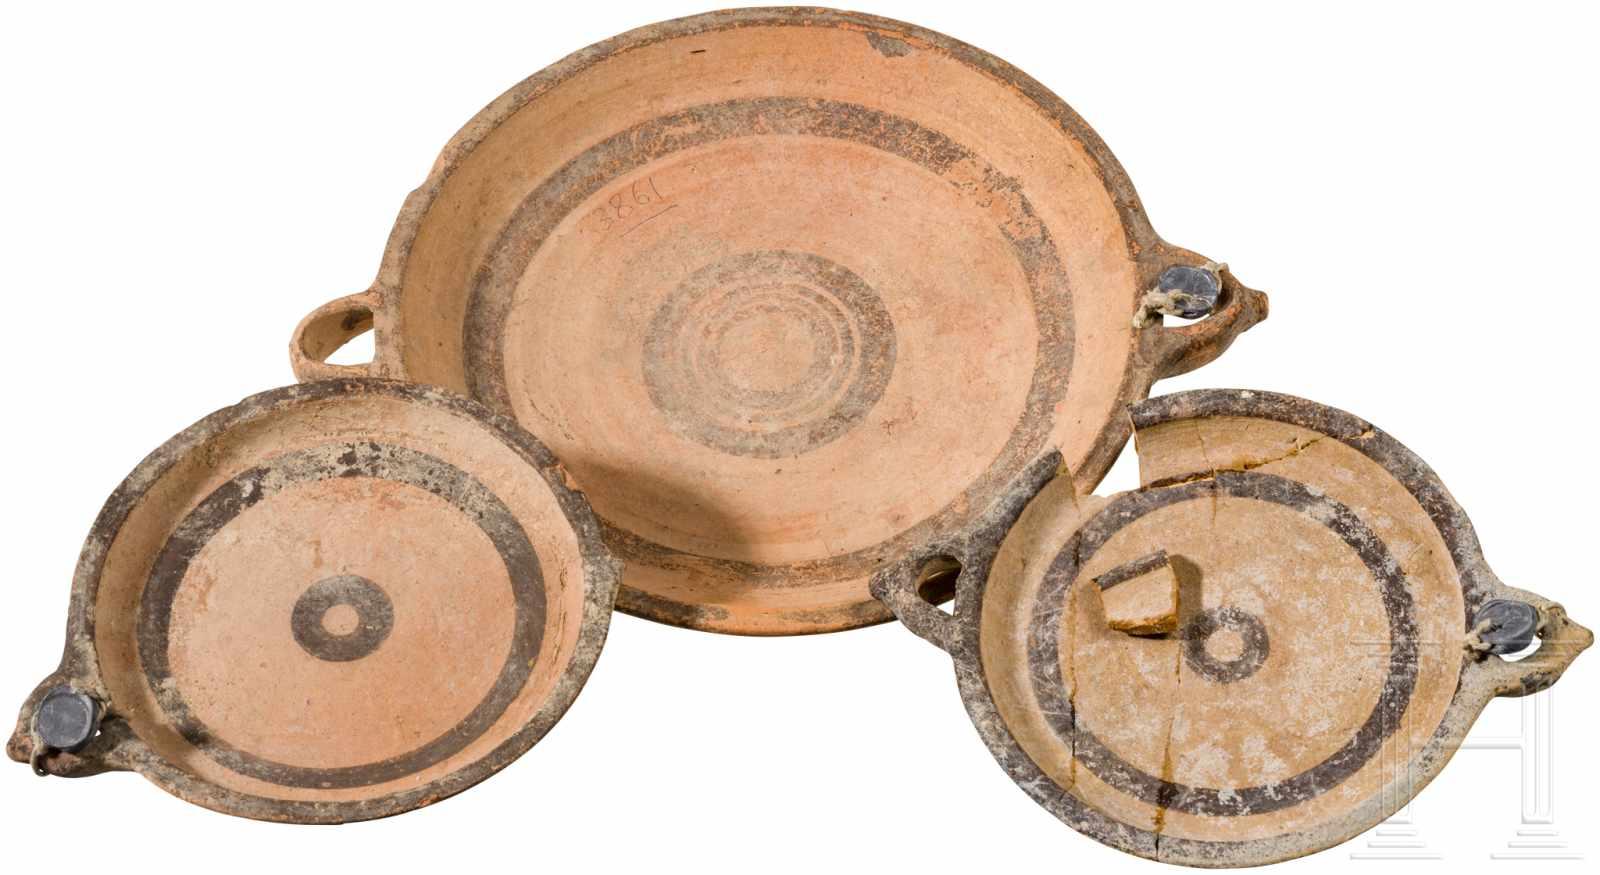 Lot 1641 - Drei Teller, zyprisch-geometrisch I, 1050 - 950 v. Chr.Ein großer und zwei kleine scheibengedrehte